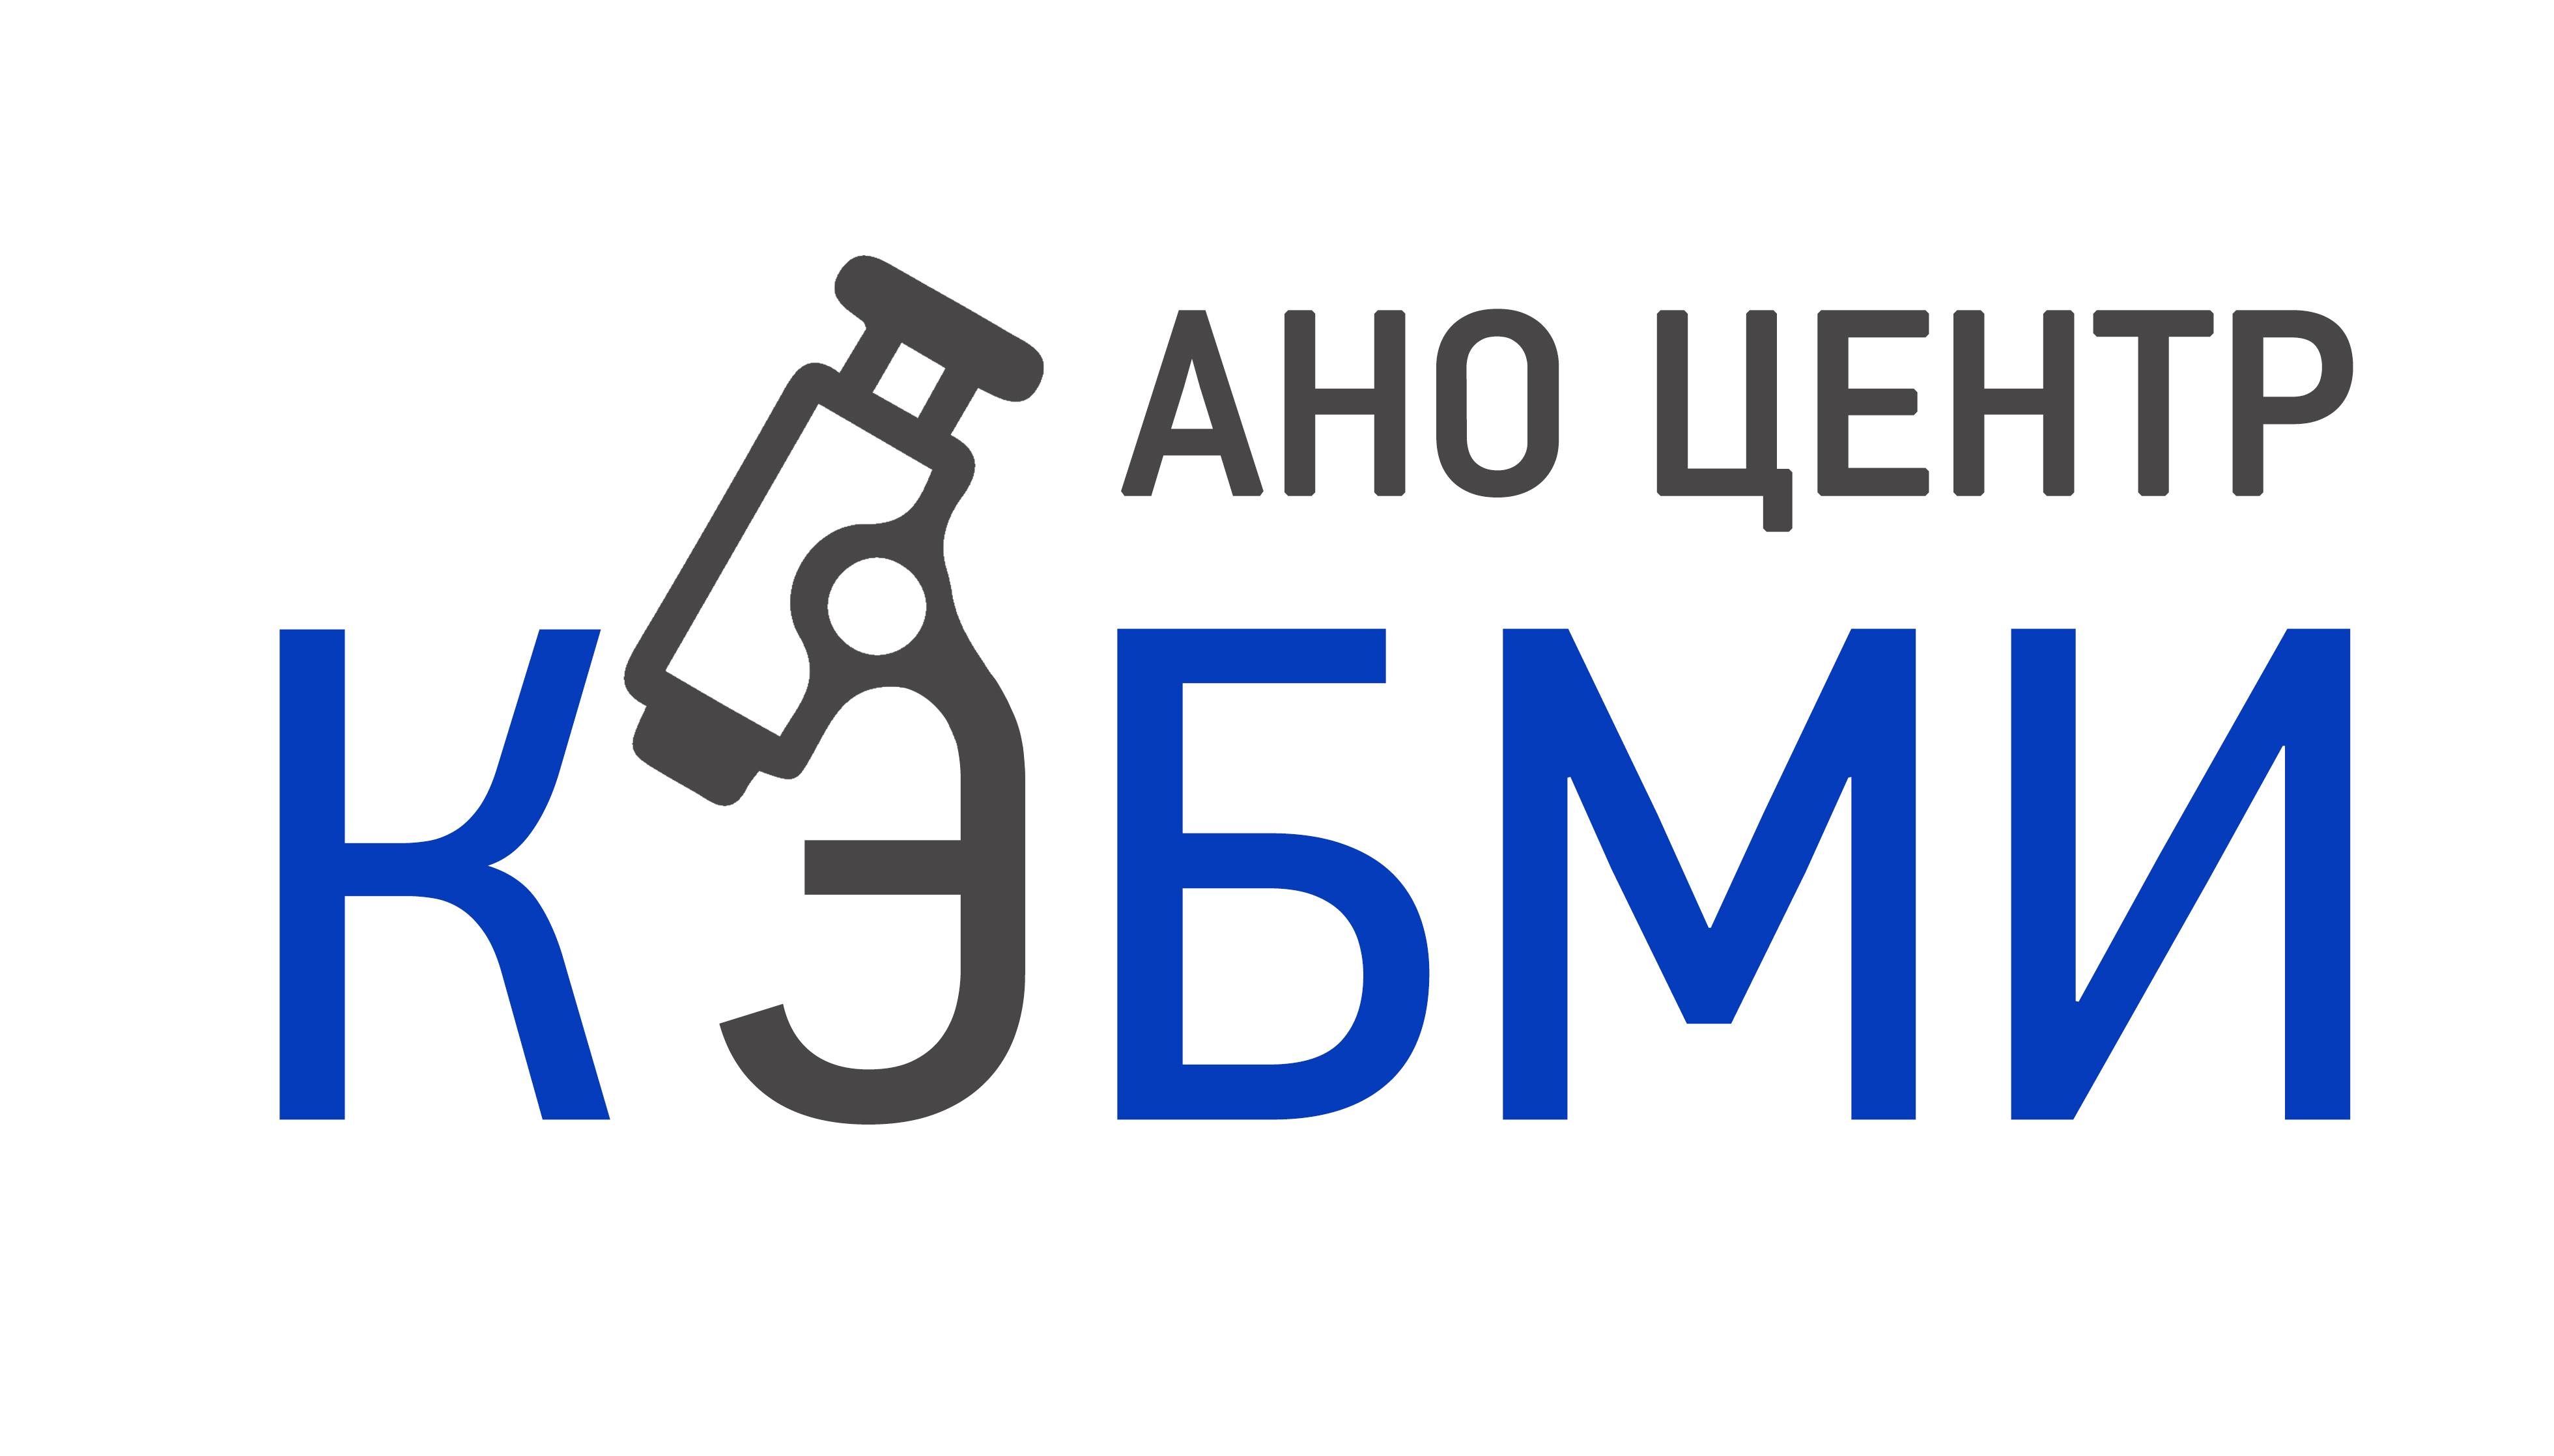 Редизайн логотипа АНО Центр КЭБМИ - BREVIS фото f_0075b1a65a89d5ae.jpg